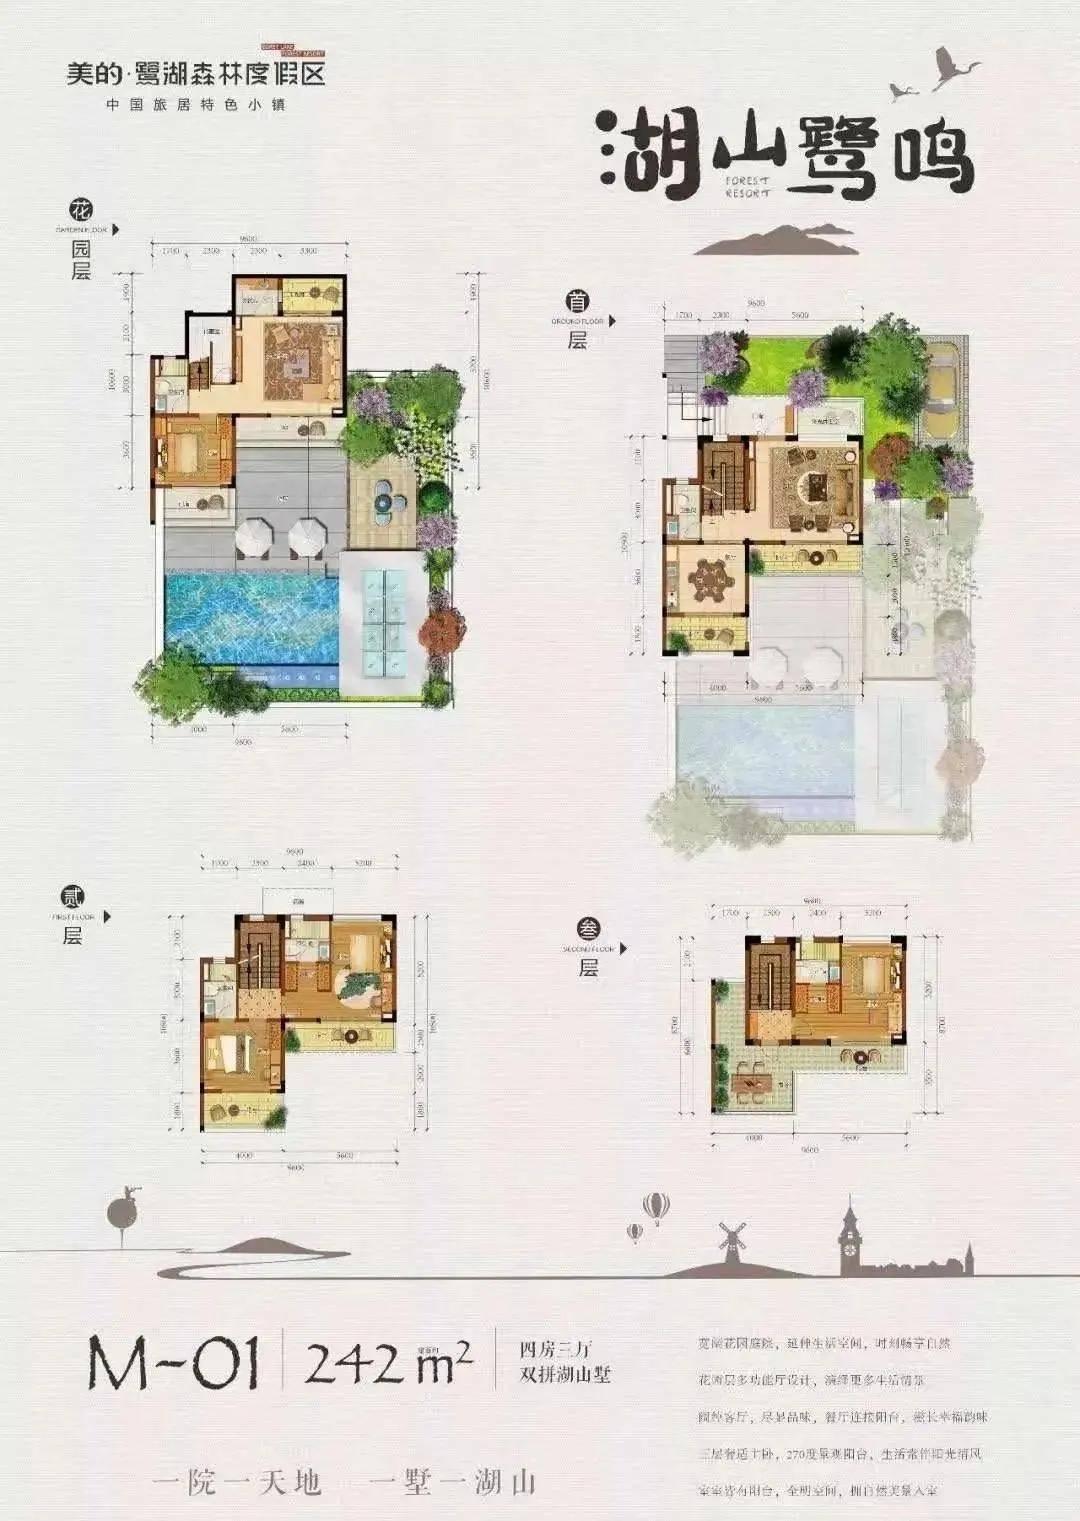 美的鹭湖国家5A级景区建的别墅总价230万起,独栋500万起